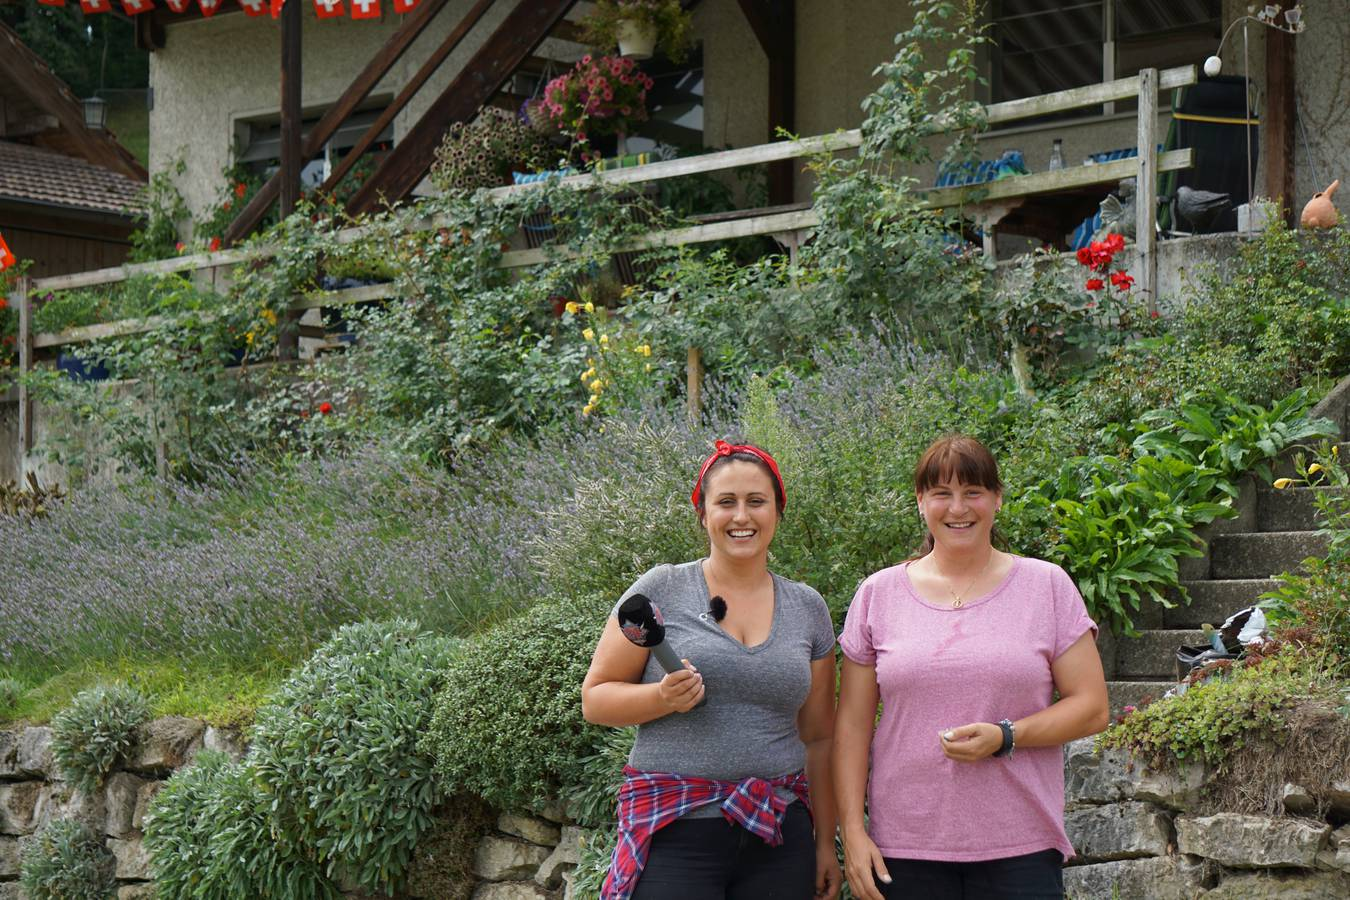 Nina Roost besucht Karin auf dem Läubberg. (© Radio 24)